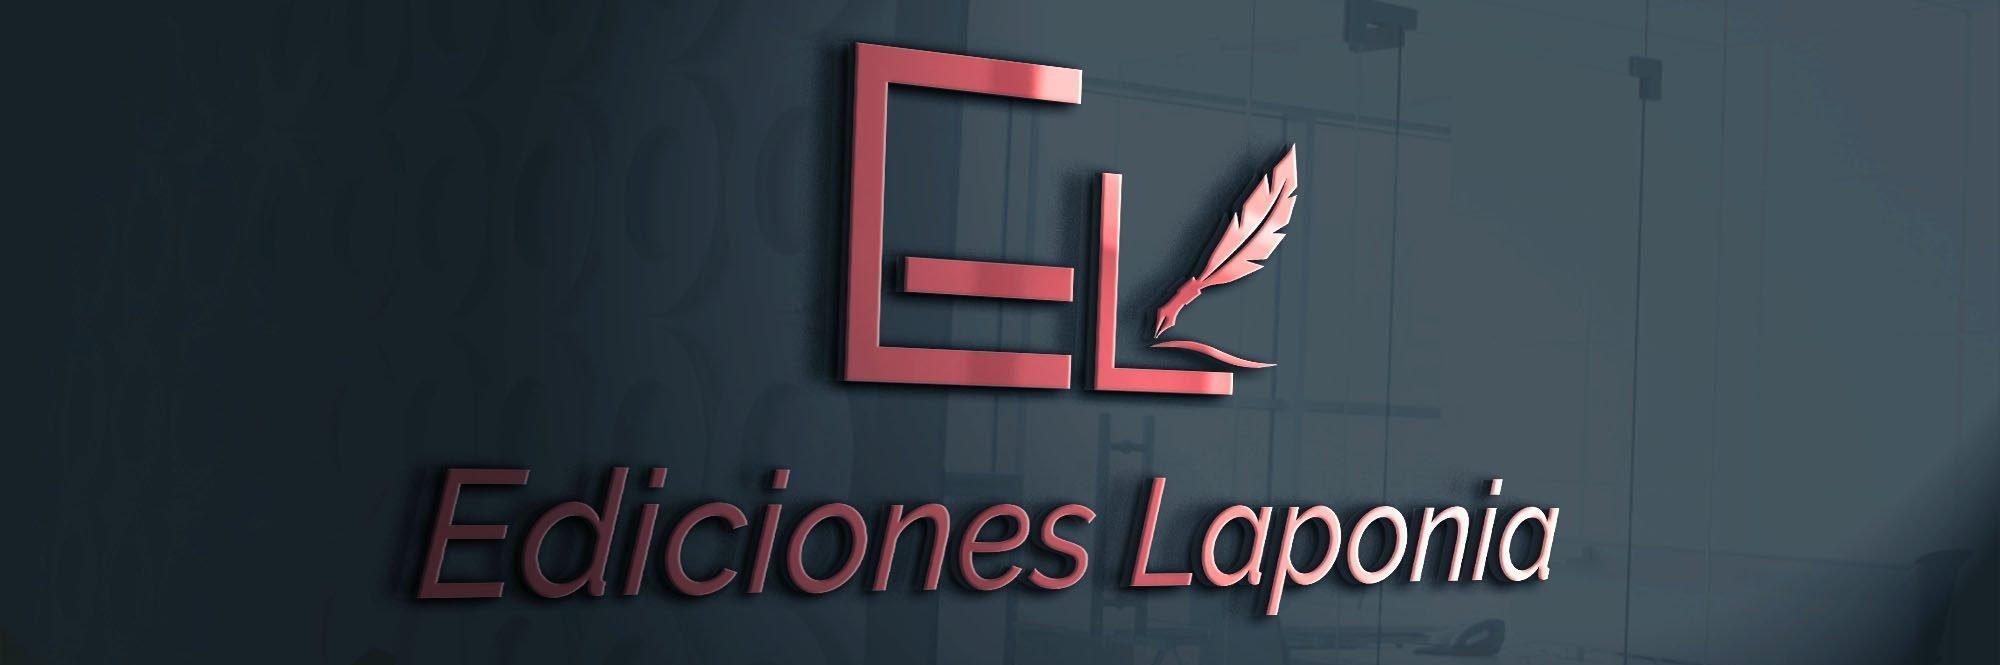 Ediciones Laponia, LLC